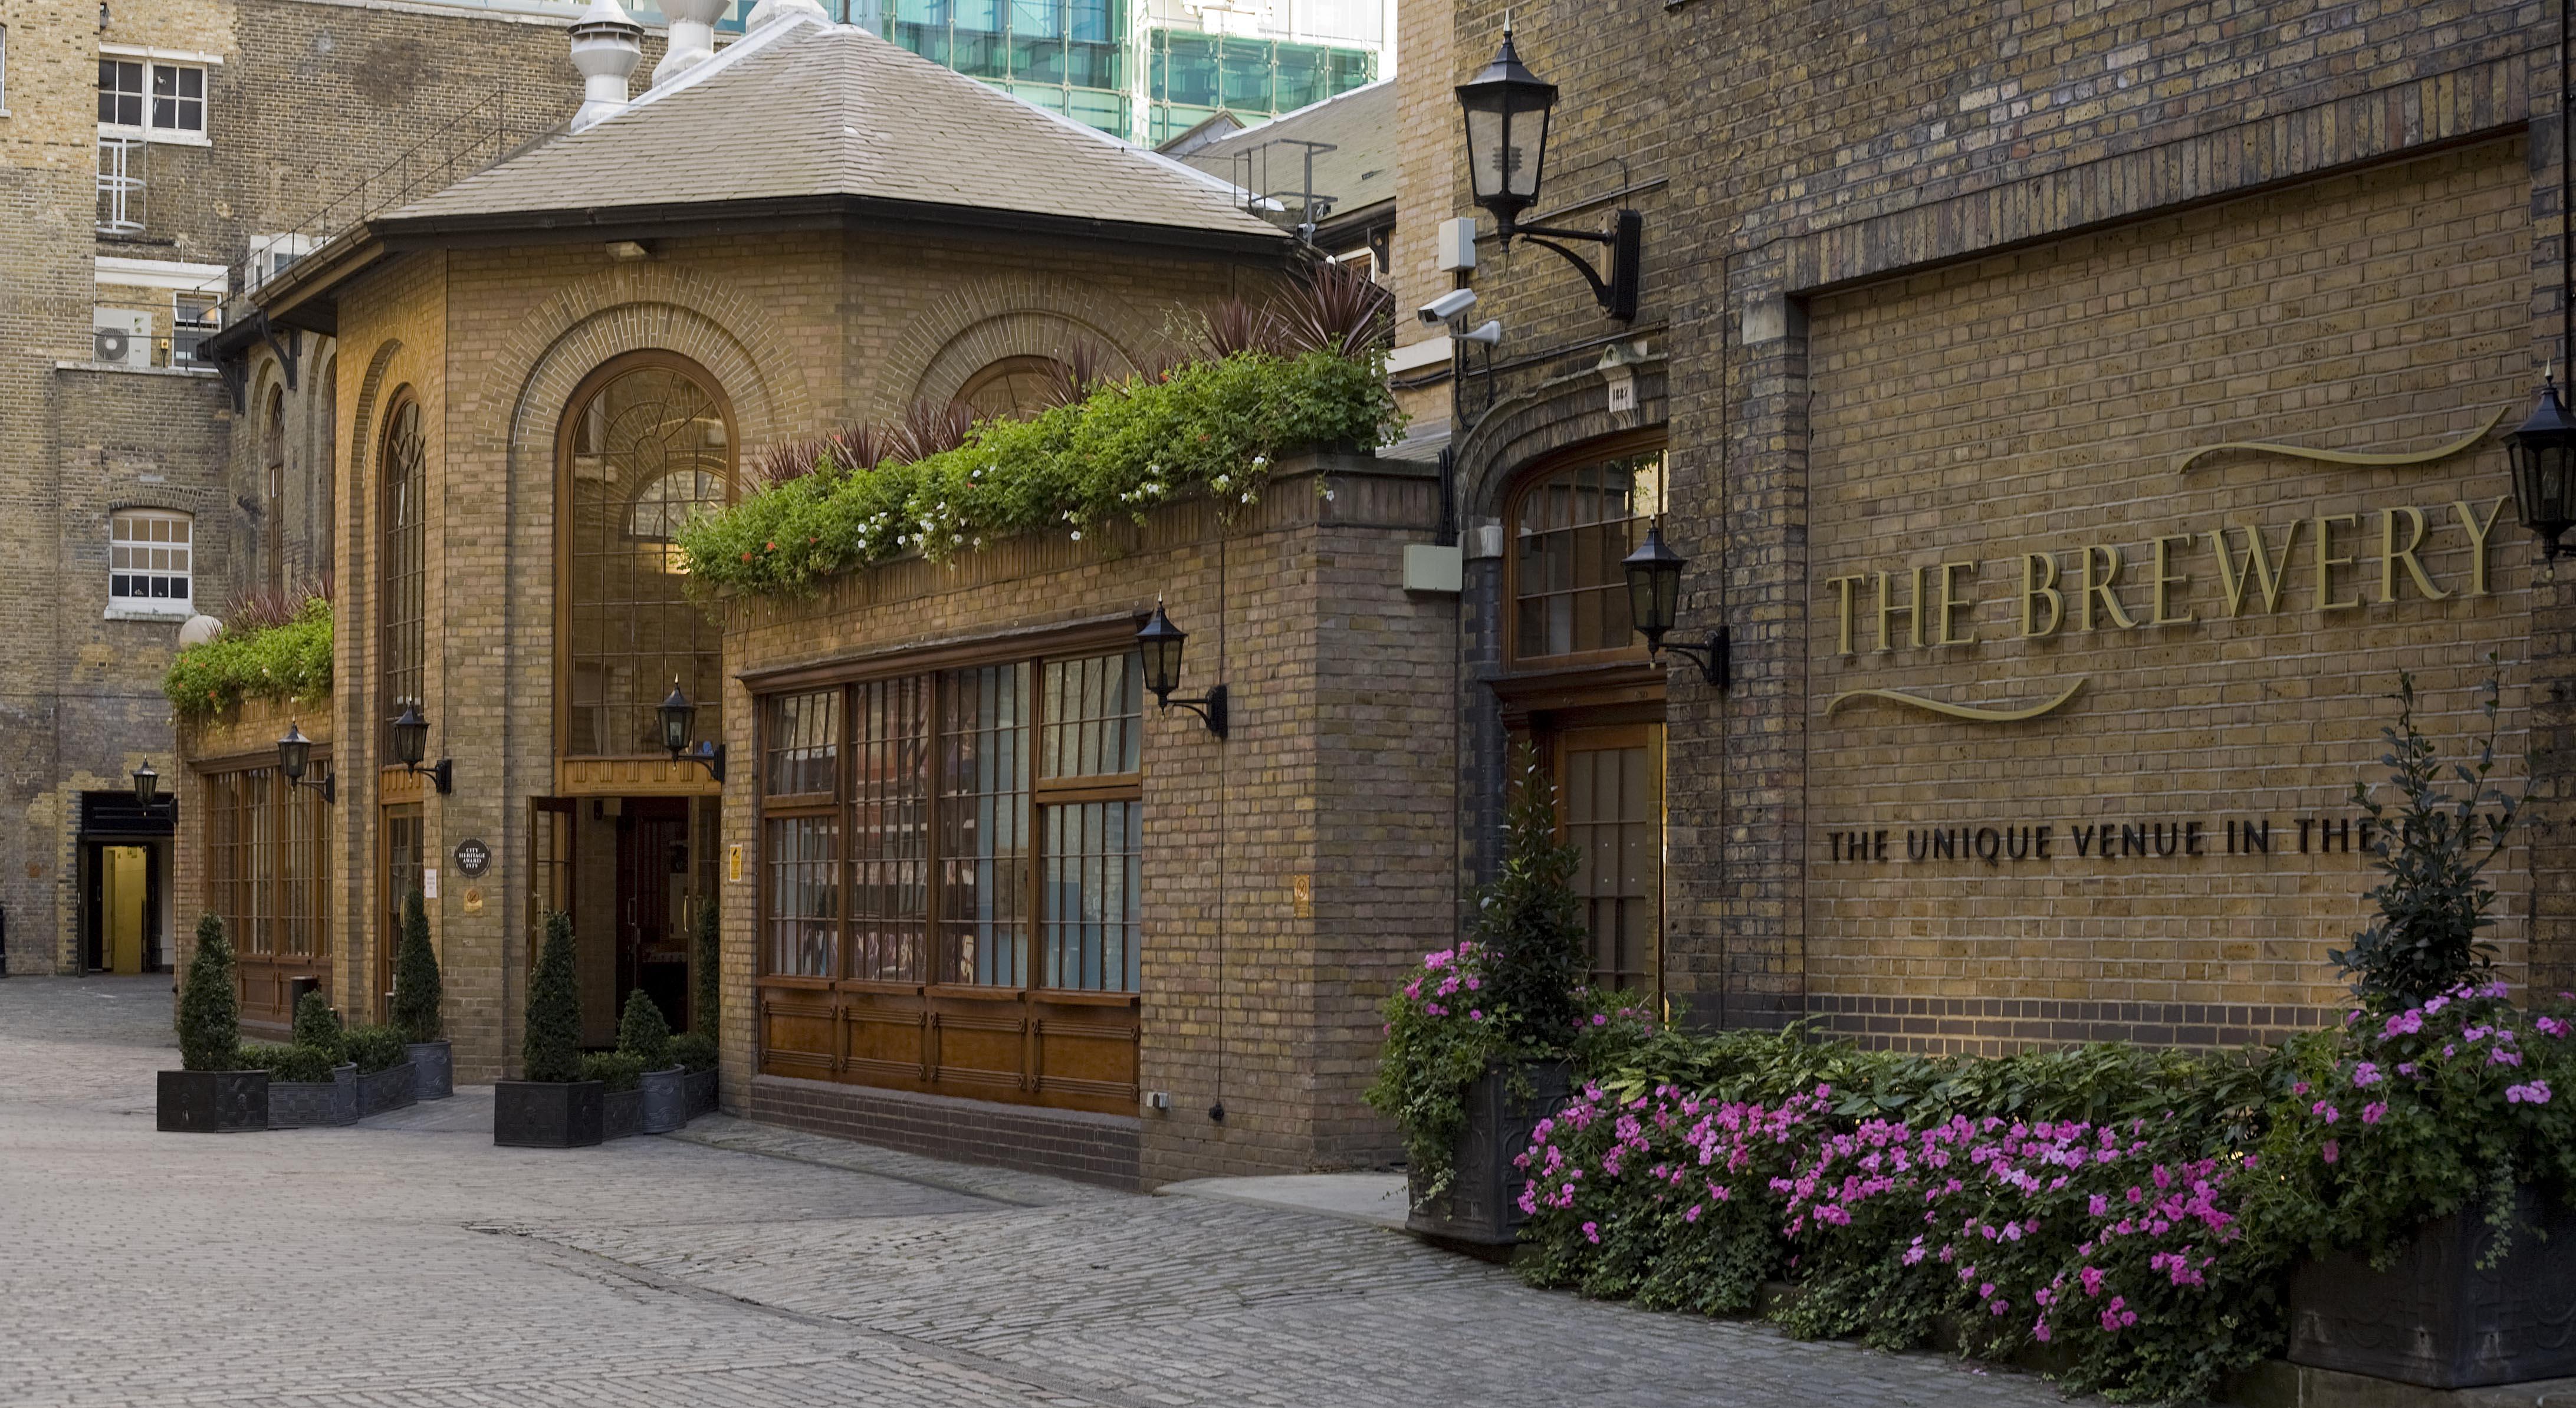 ザ・モントカーム・アット・ブルワリー・ロンドンシティの外観